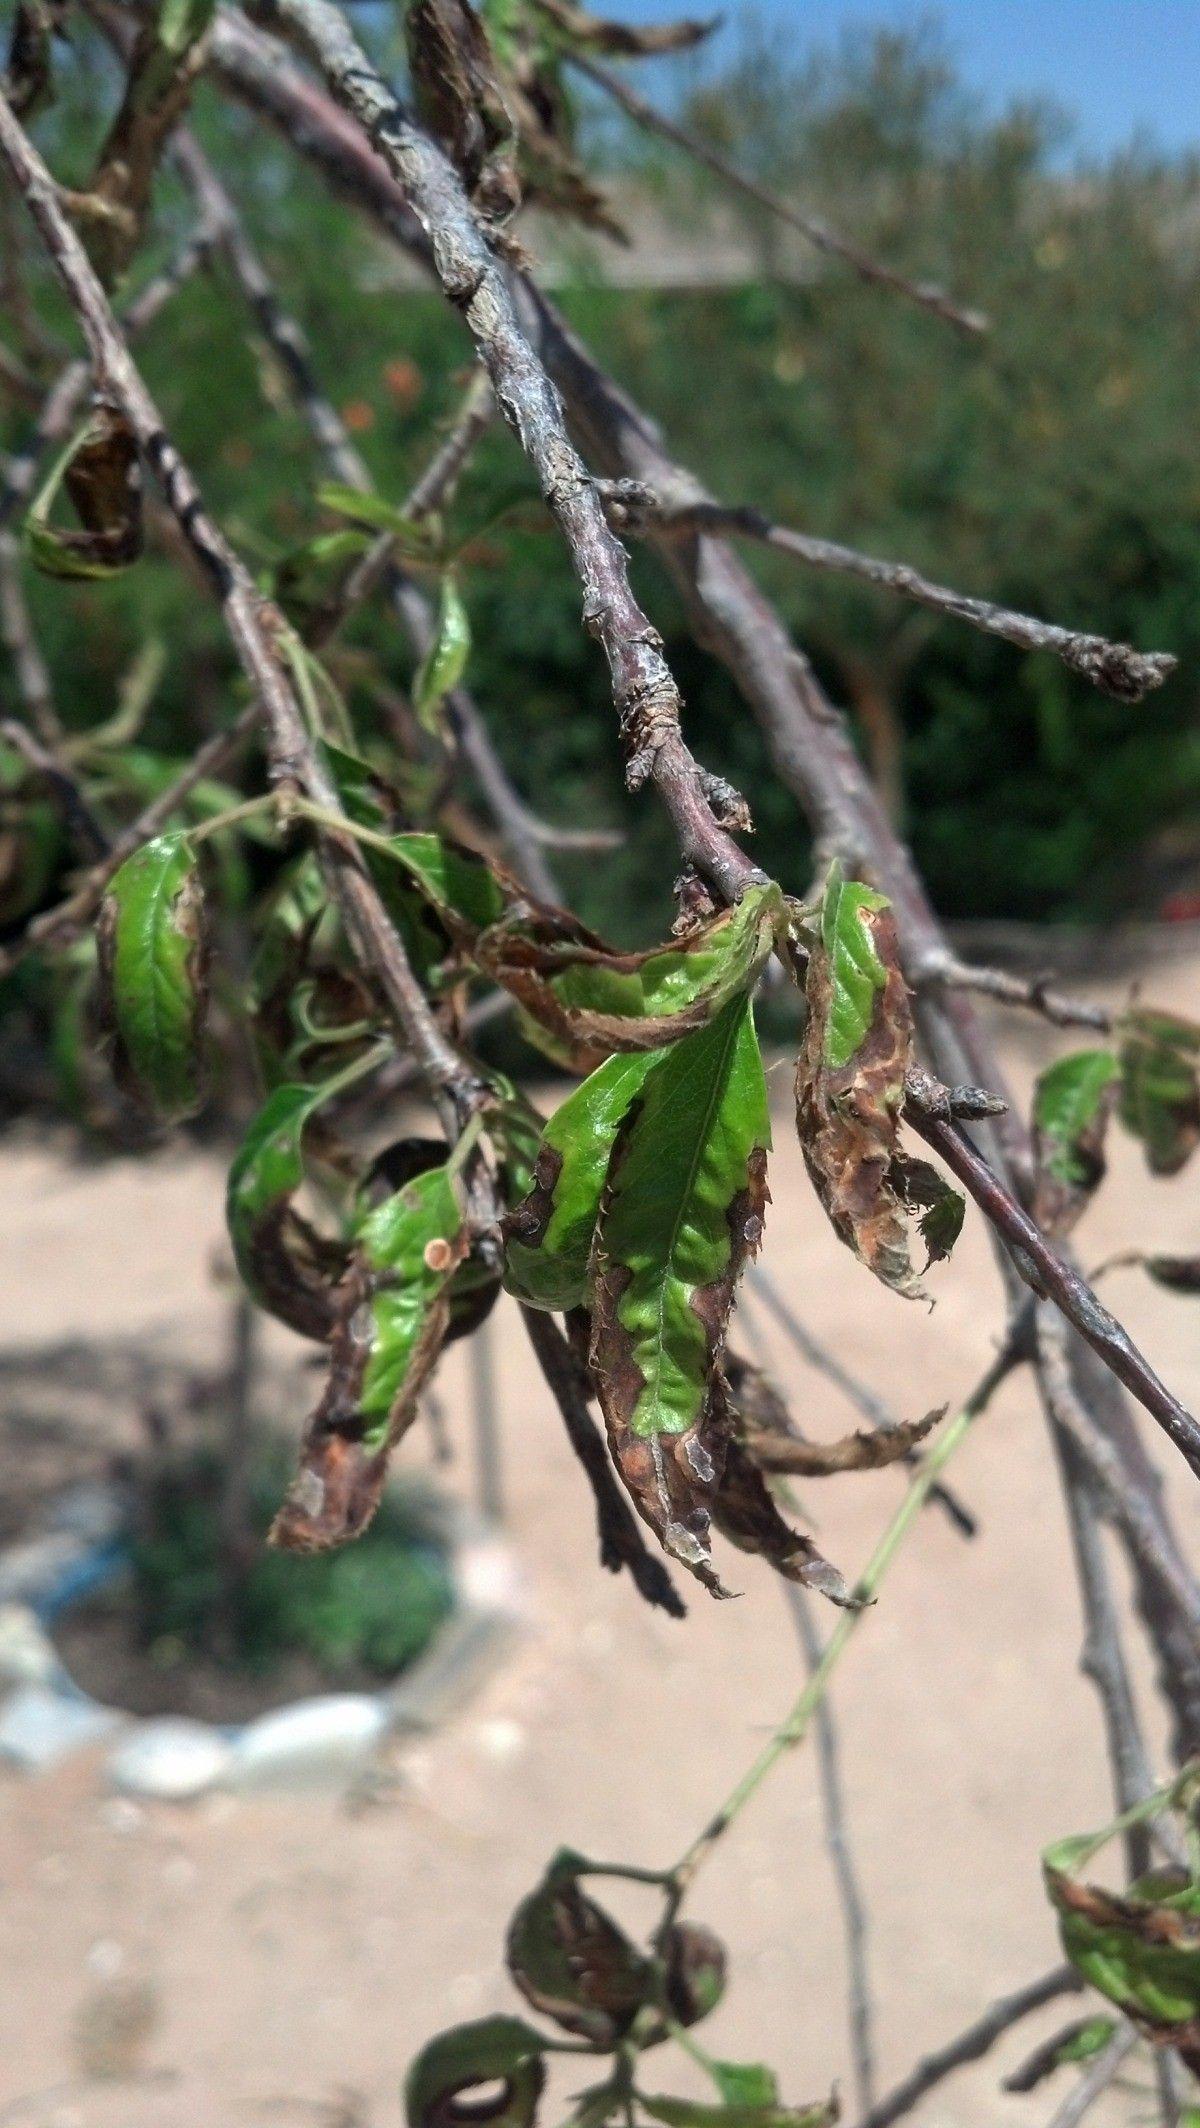 Flowering cherry tree leaves turning brown in 2020